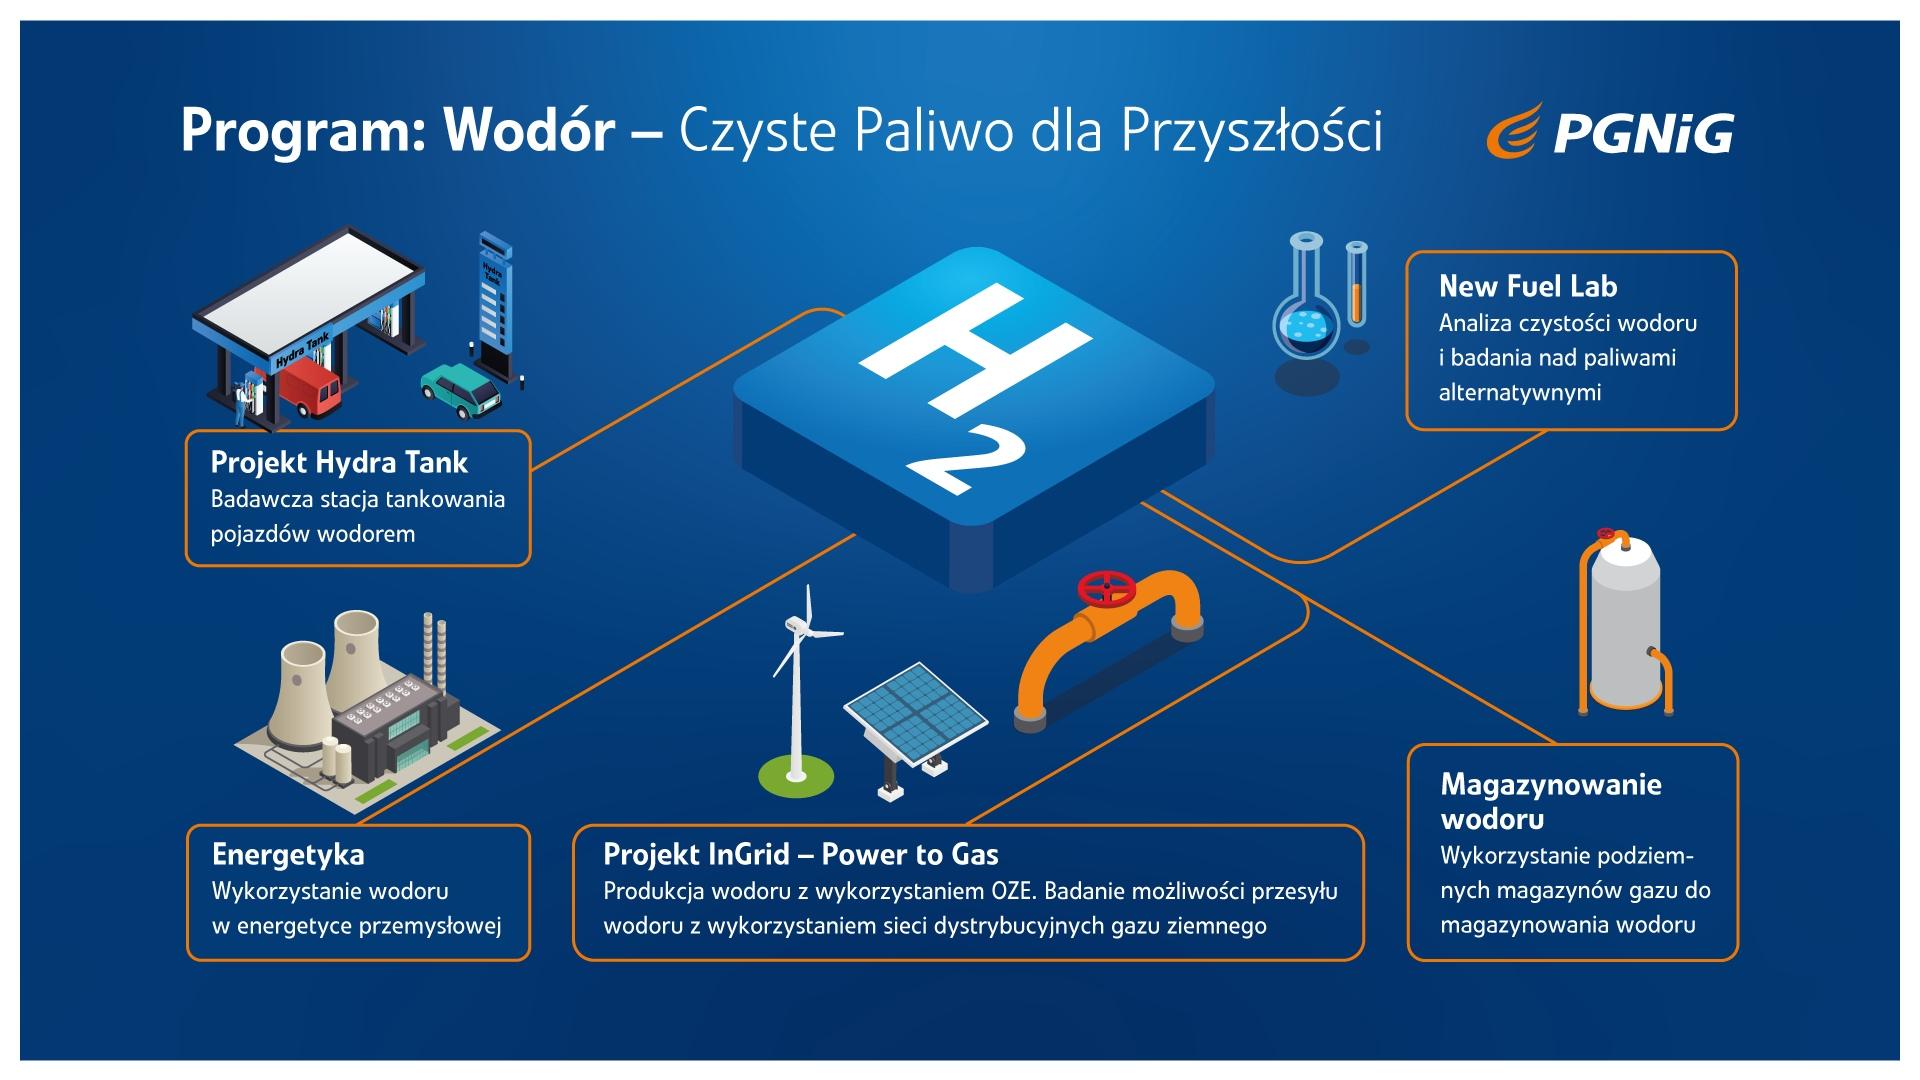 PGNiG wchodzi w wodór. Będzie samochód, stacja tankowania w Warszawie i  wodór z OZE • SAMOCHODY ELEKTRYCZNE – www.elektrowoz.pl